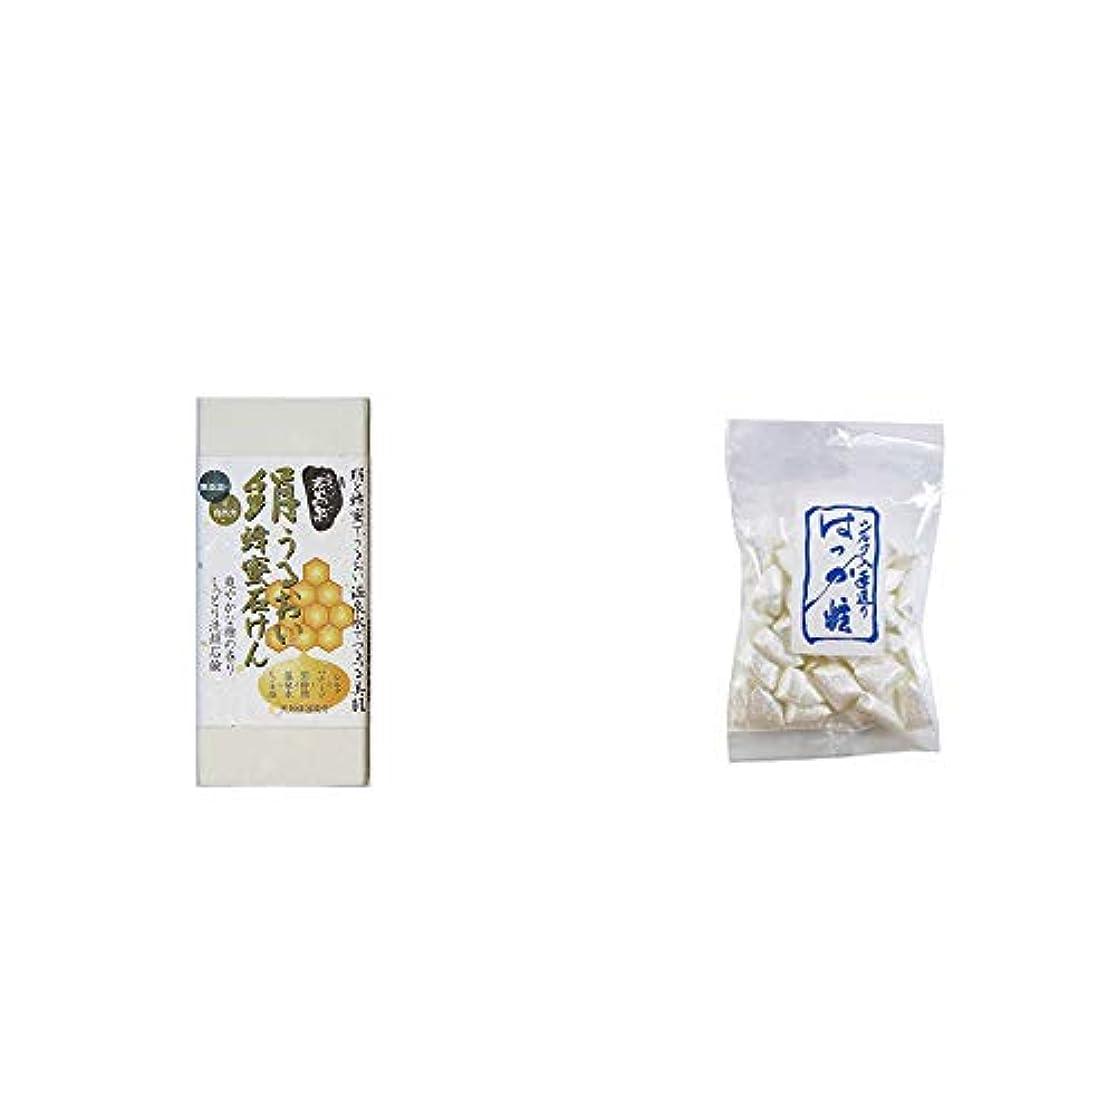 広々酸度胴体[2点セット] ひのき炭黒泉 絹うるおい蜂蜜石けん(75g×2)?シルクはっか糖(150g)